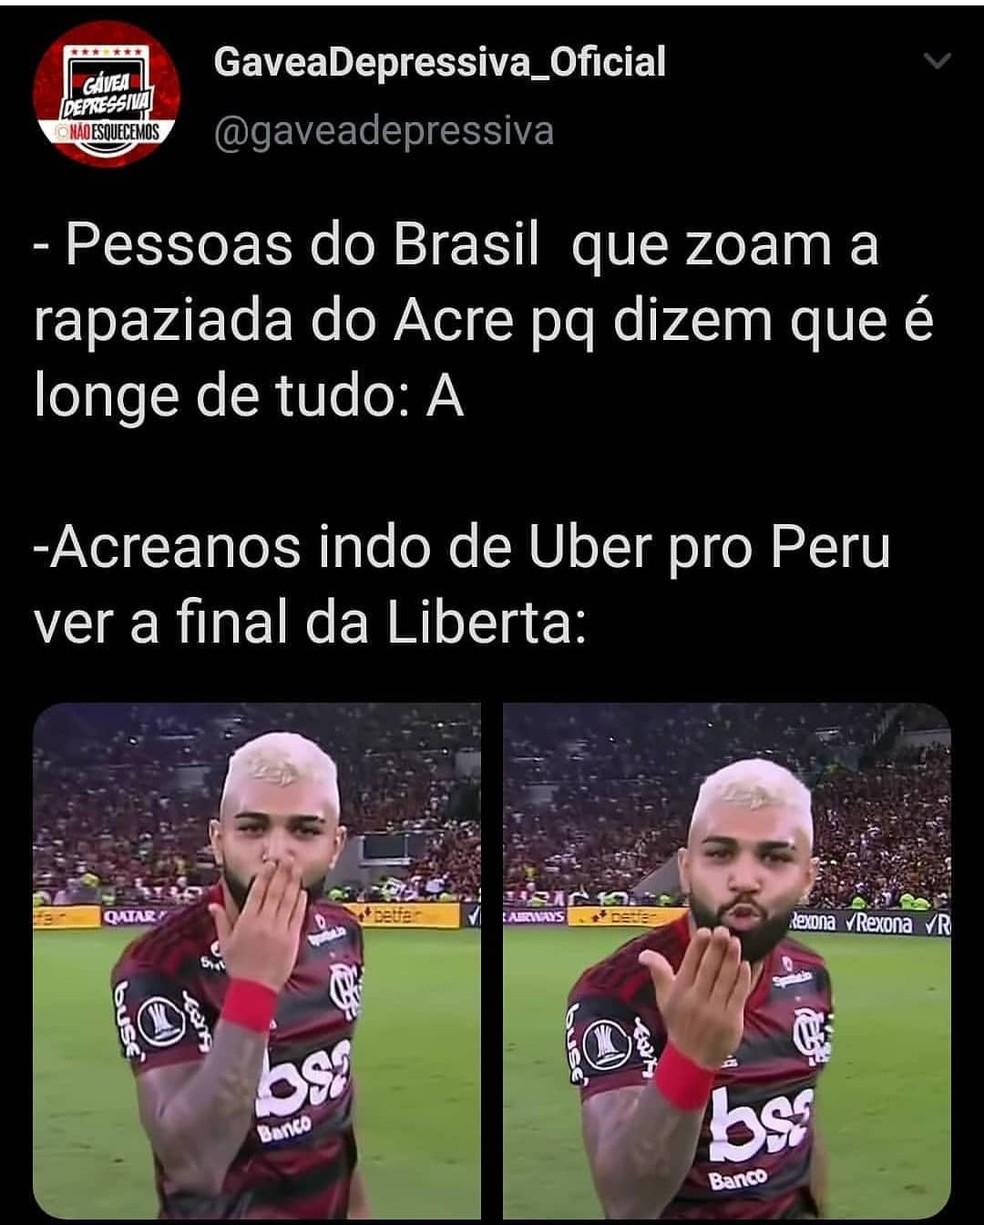 Com Decisão Da Libertadores No Peru Acreanos Comemoram E